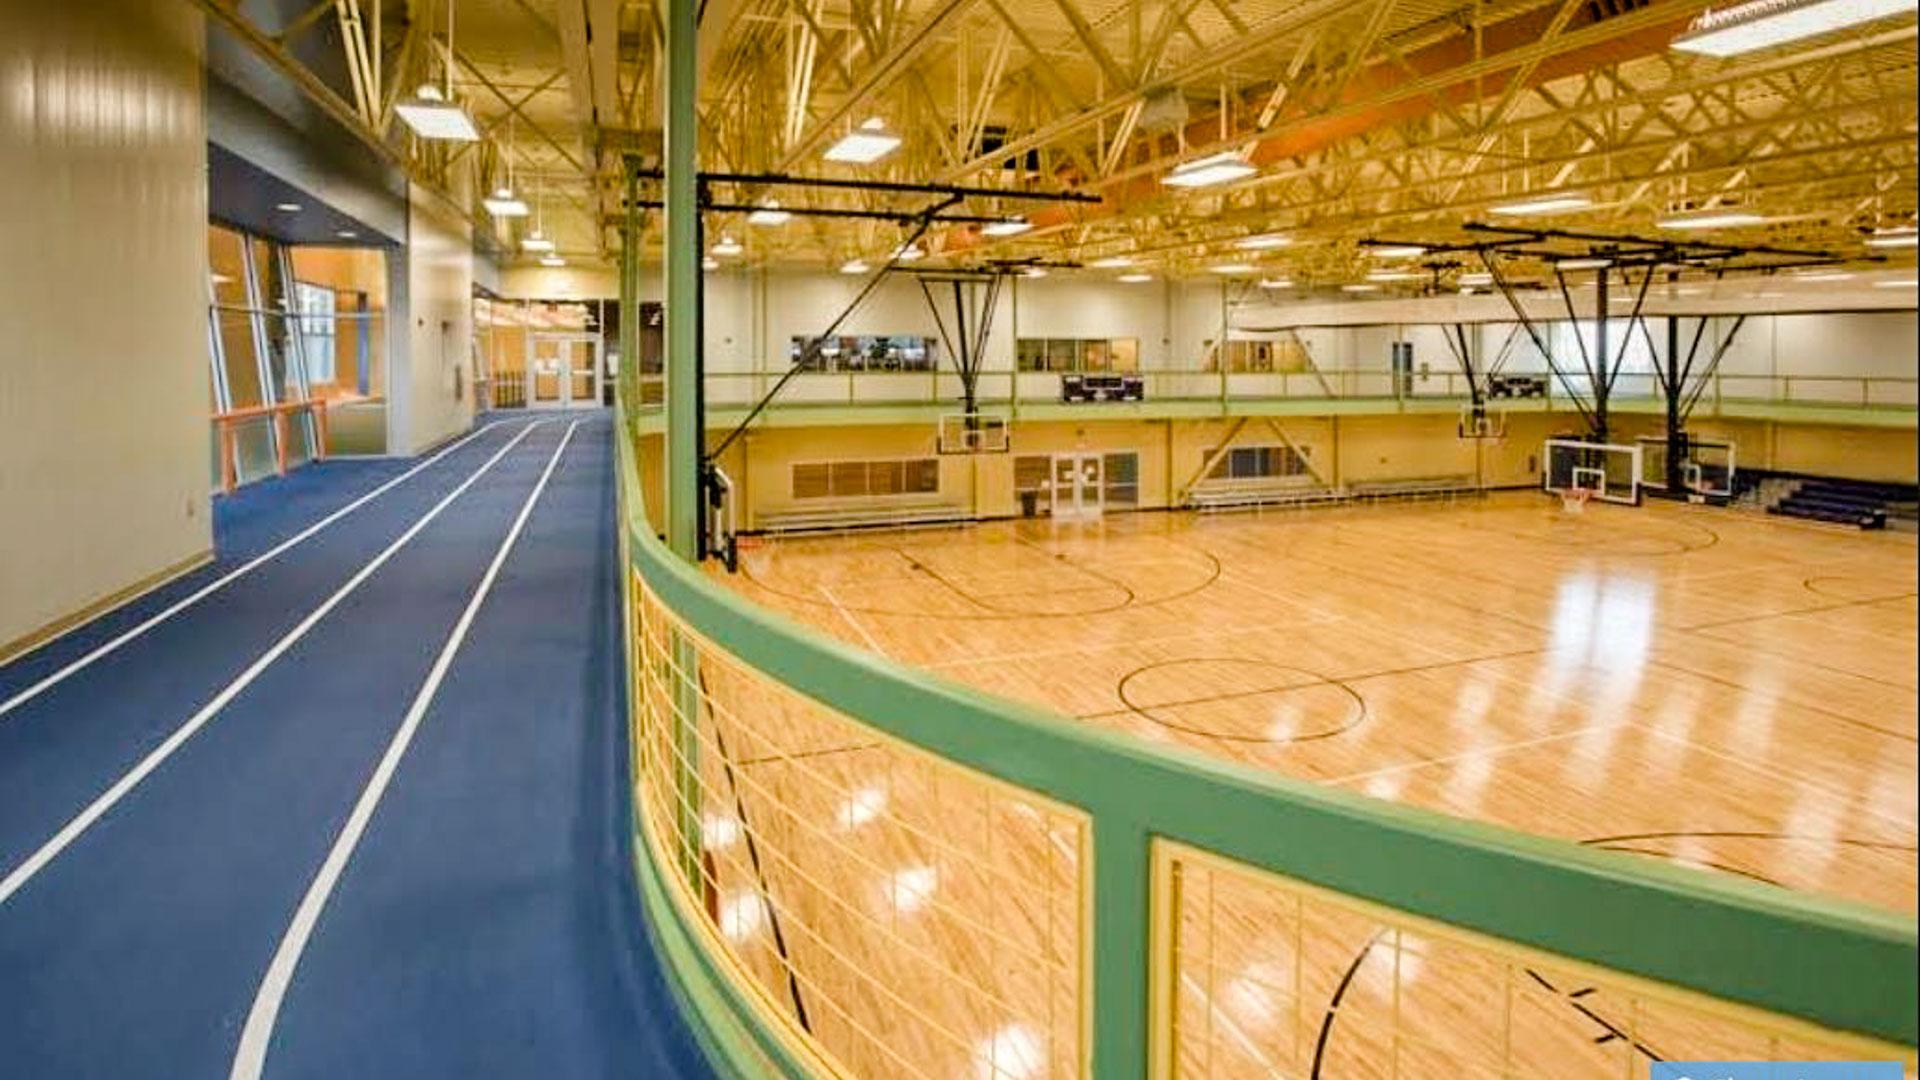 1903122 RecPlex Gymnasium Floor Walking Track NOP - RecPlex Gymnasium Floor Gets Refinishing on Steroids